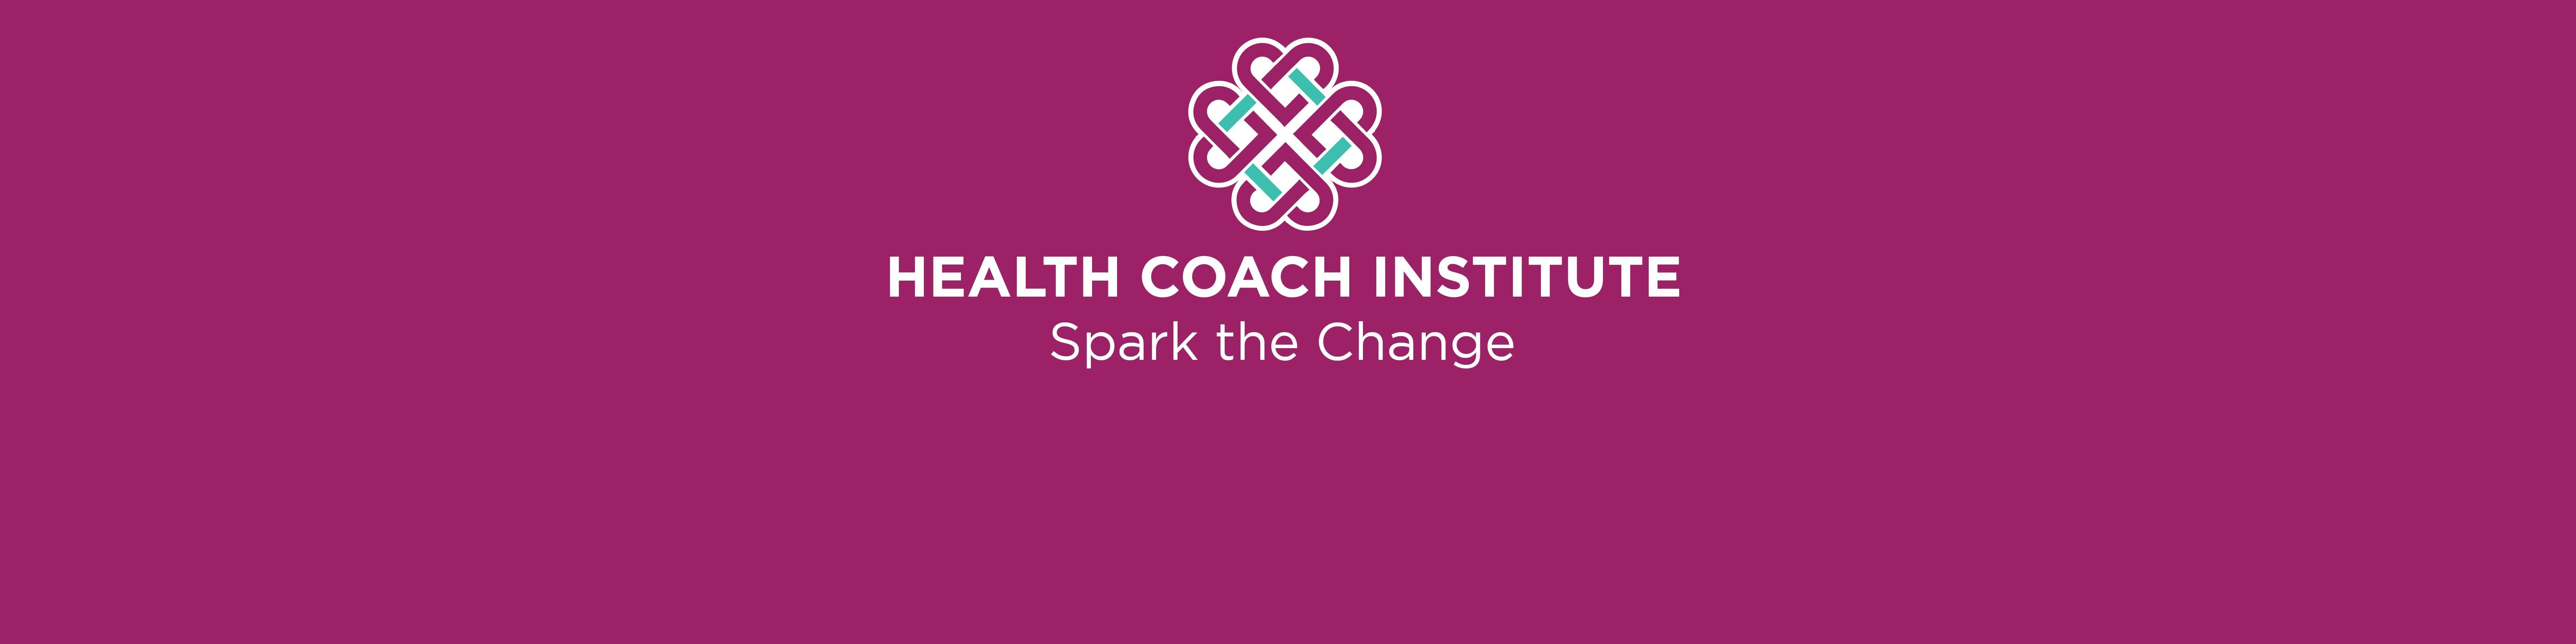 Health Coach Institute   LinkedIn